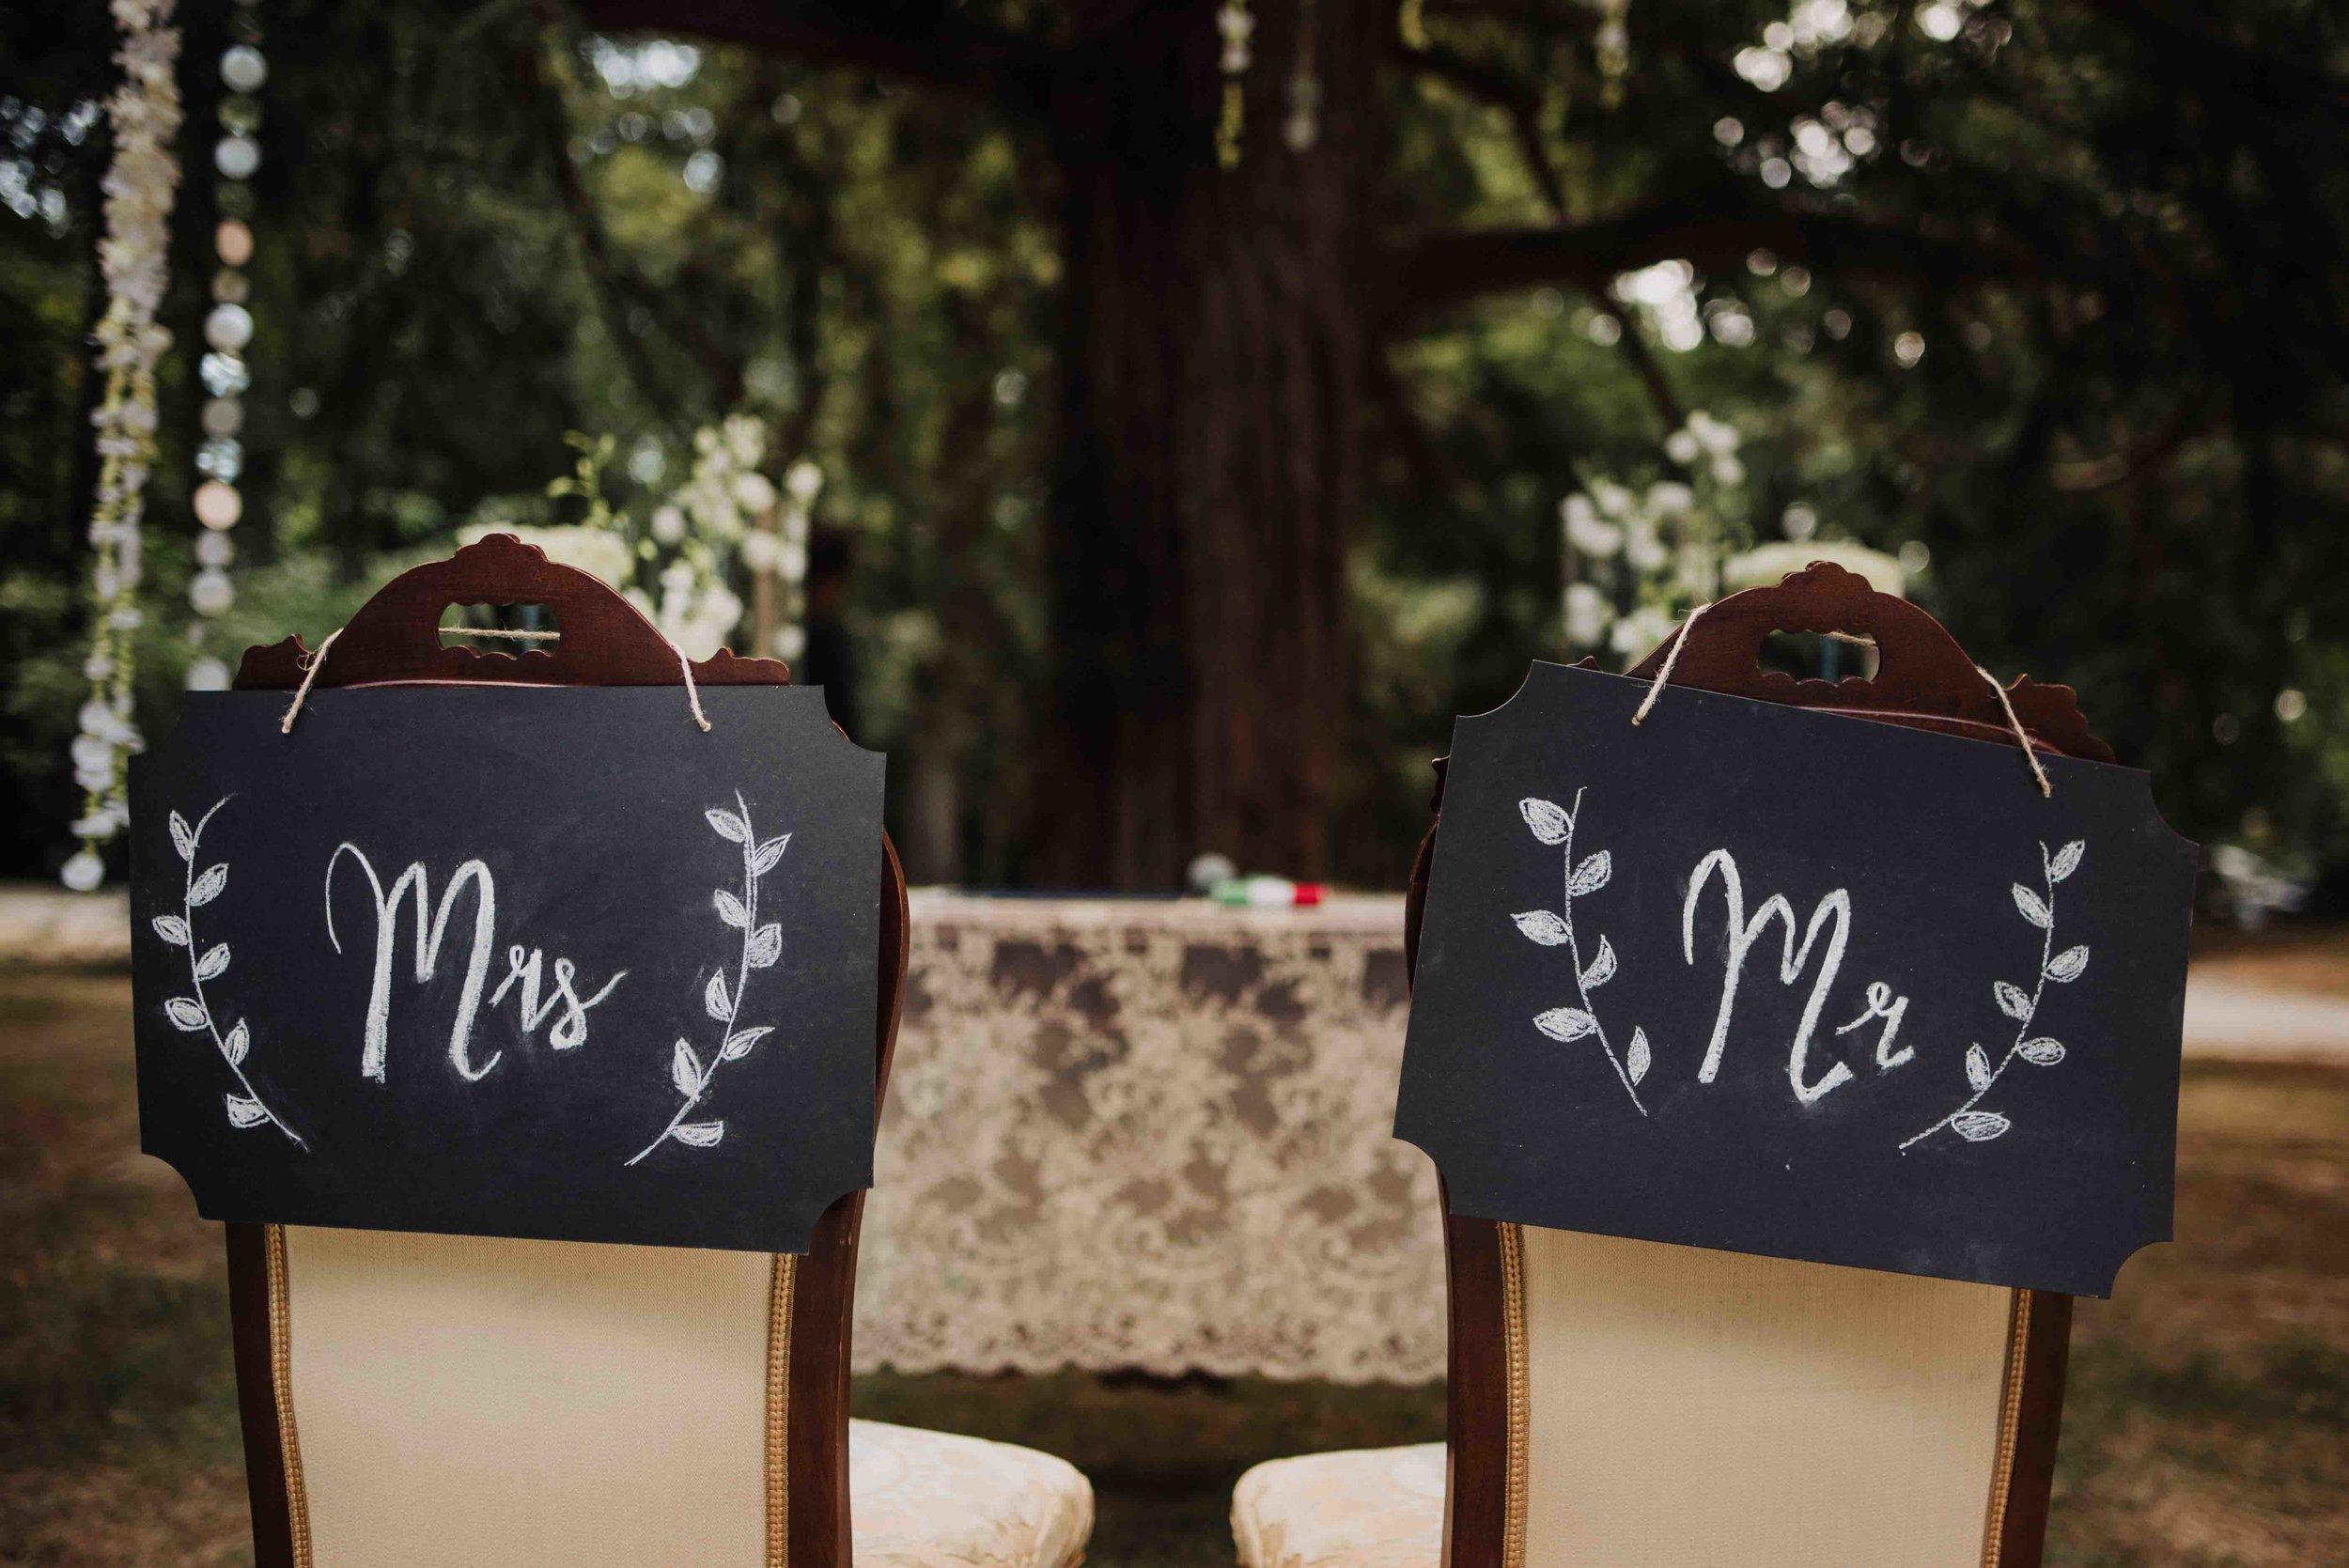 stefano-torreggiani-silvia-roli-palazzo-albergati-fotografo-di-matrimonio (11).jpg